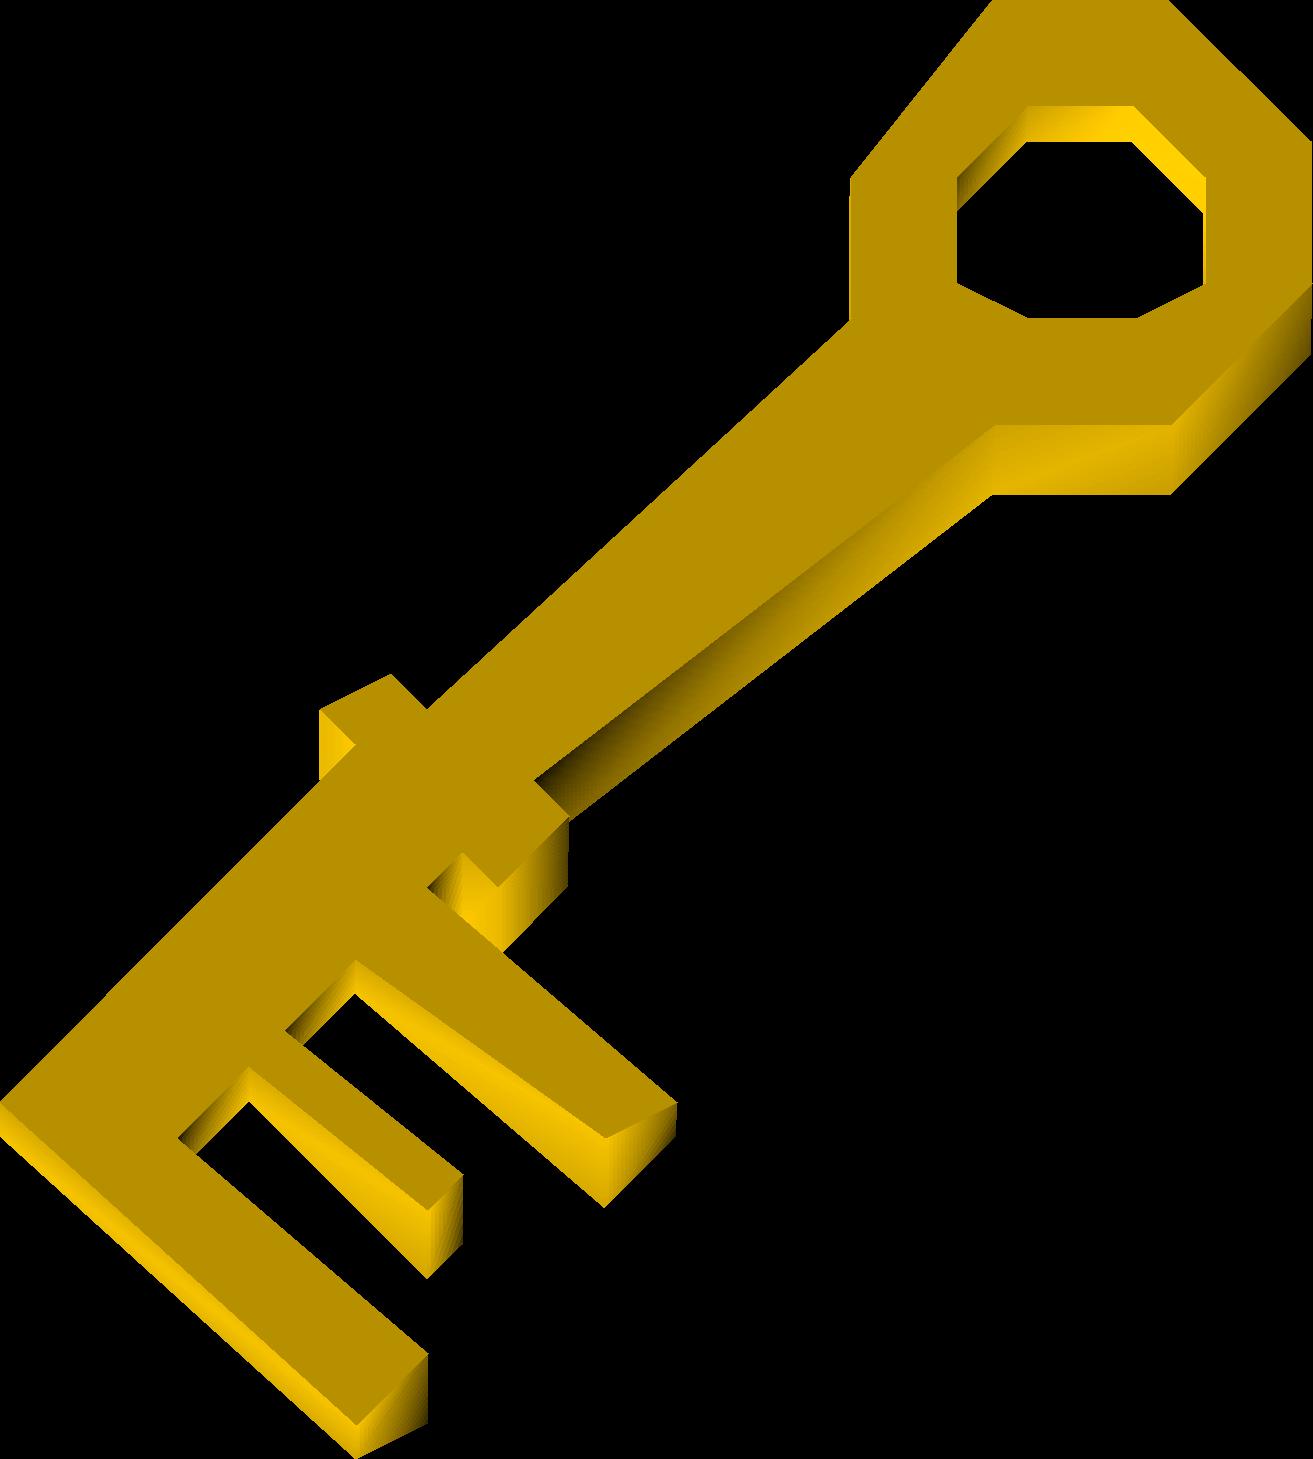 Key (Biohazard)